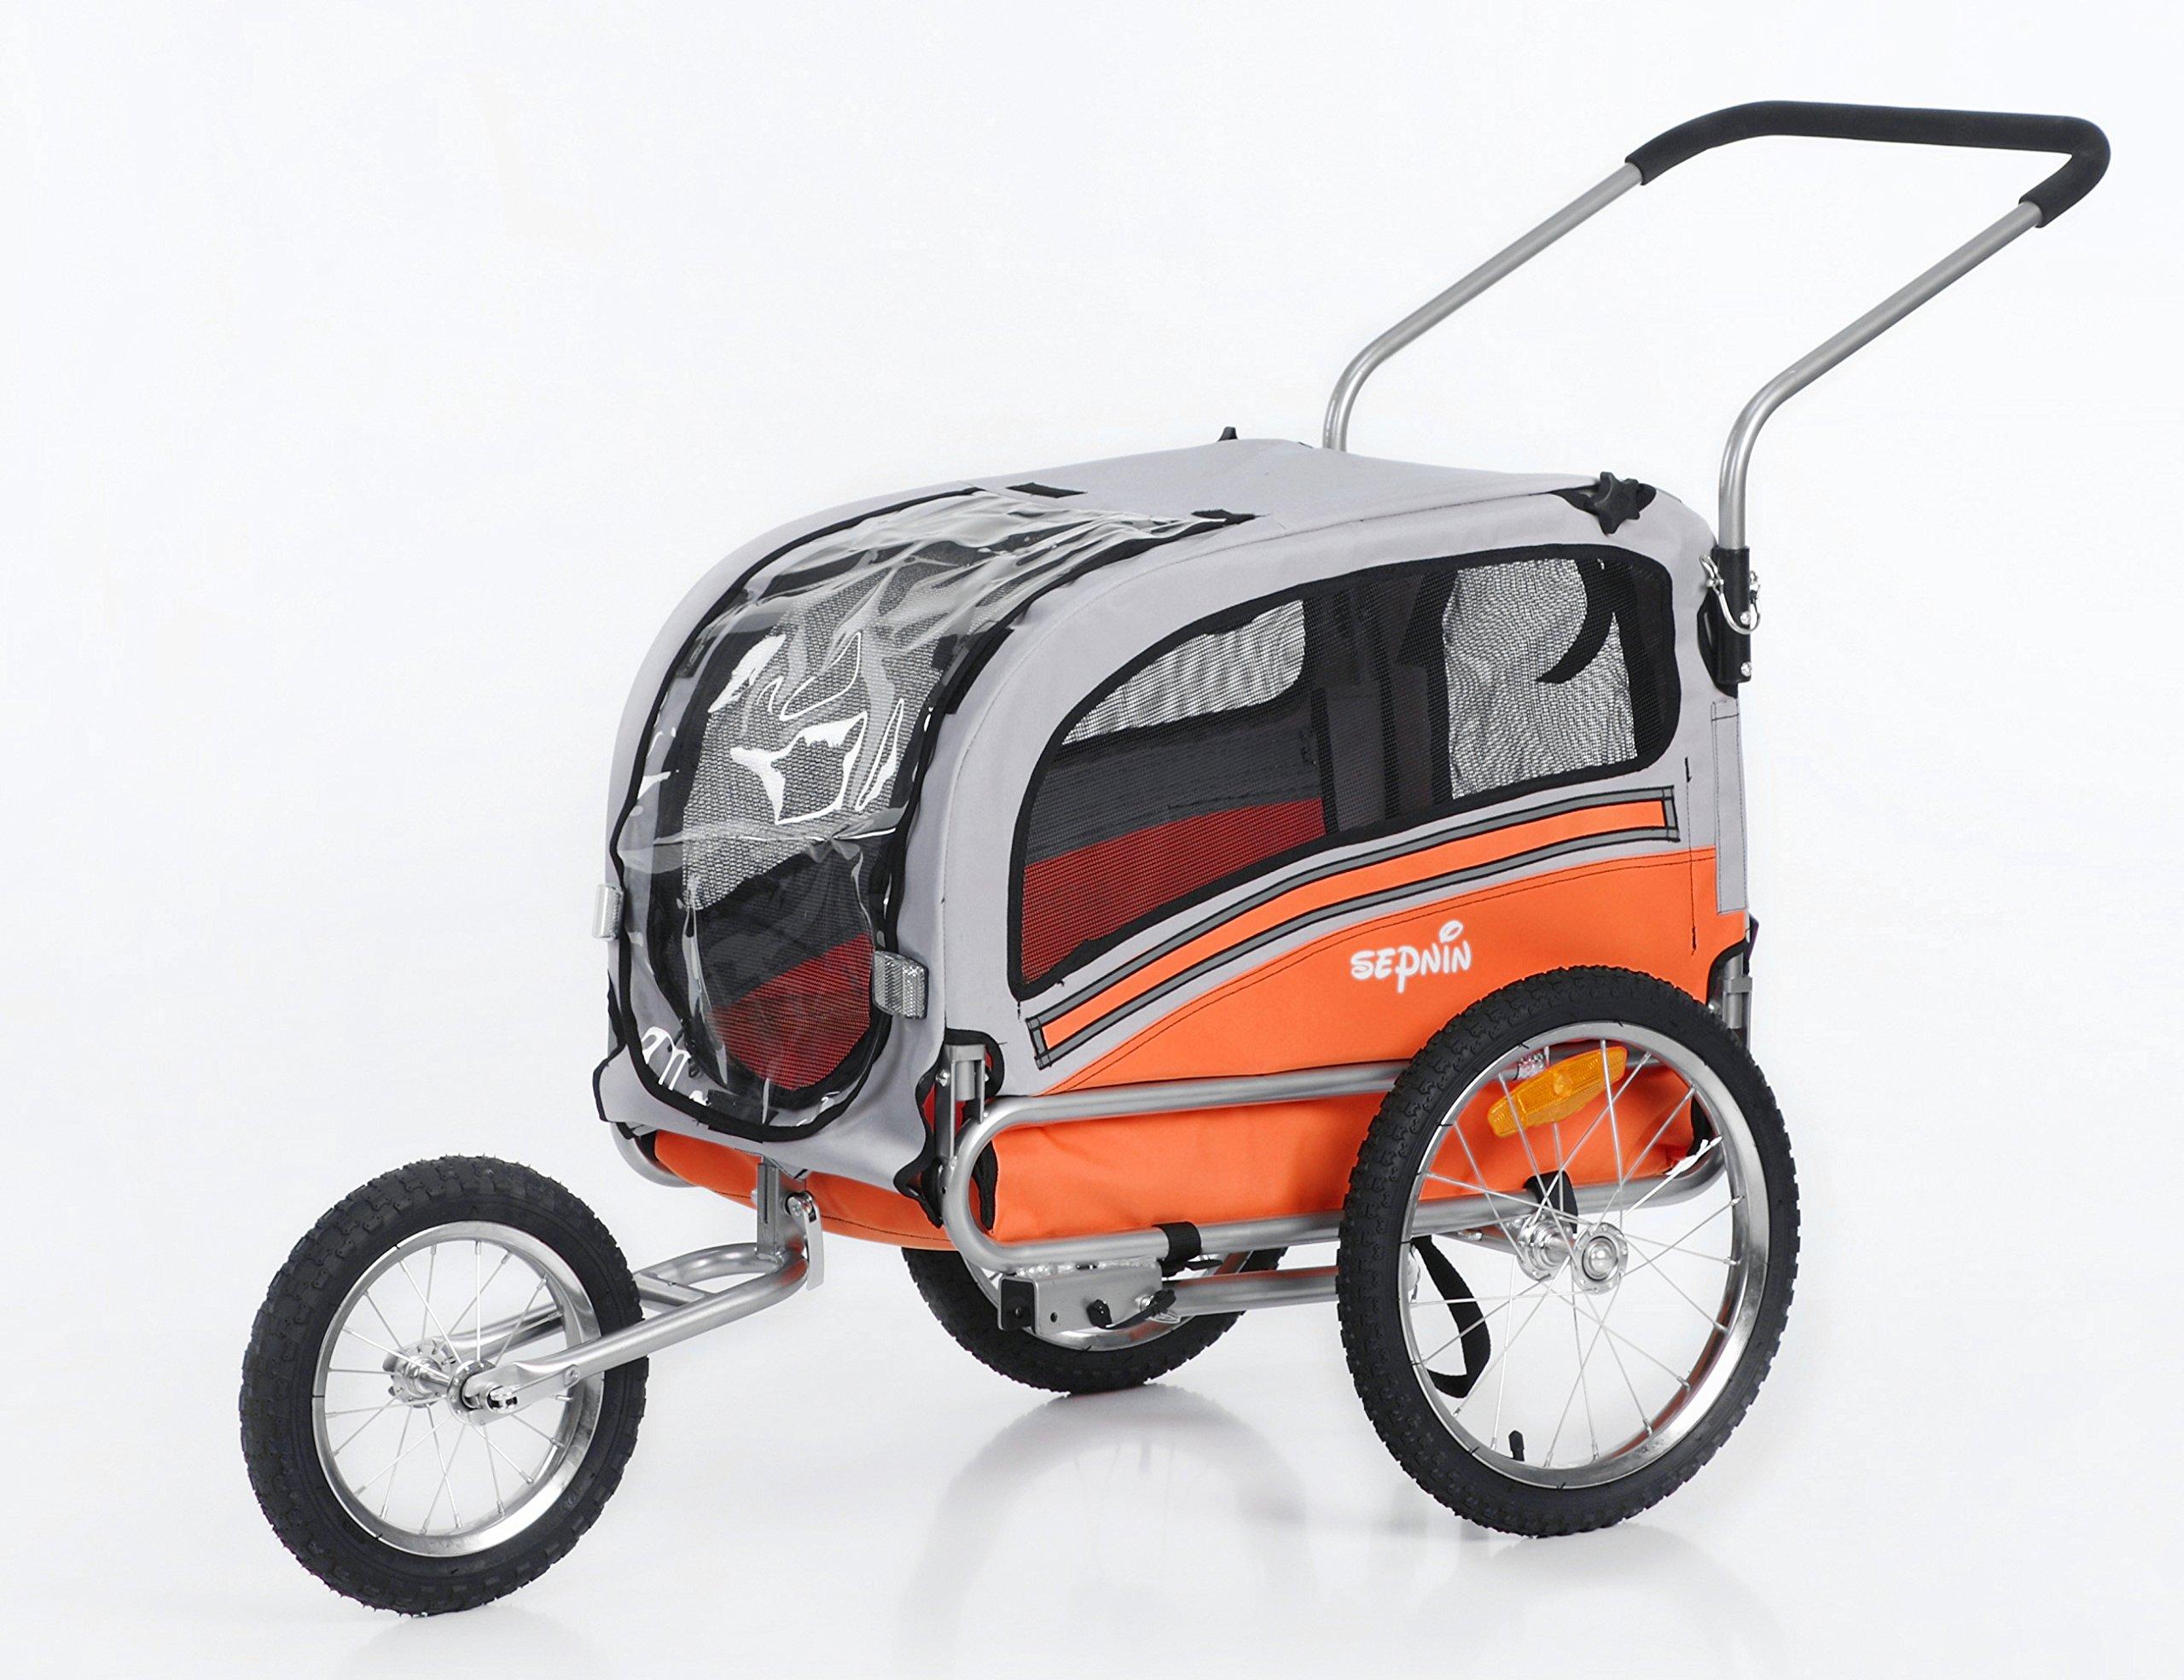 Sepnine 2 in1 pet dog bike trailer bicycle trailer and stroller jogger 20303 (Orange/Grey)